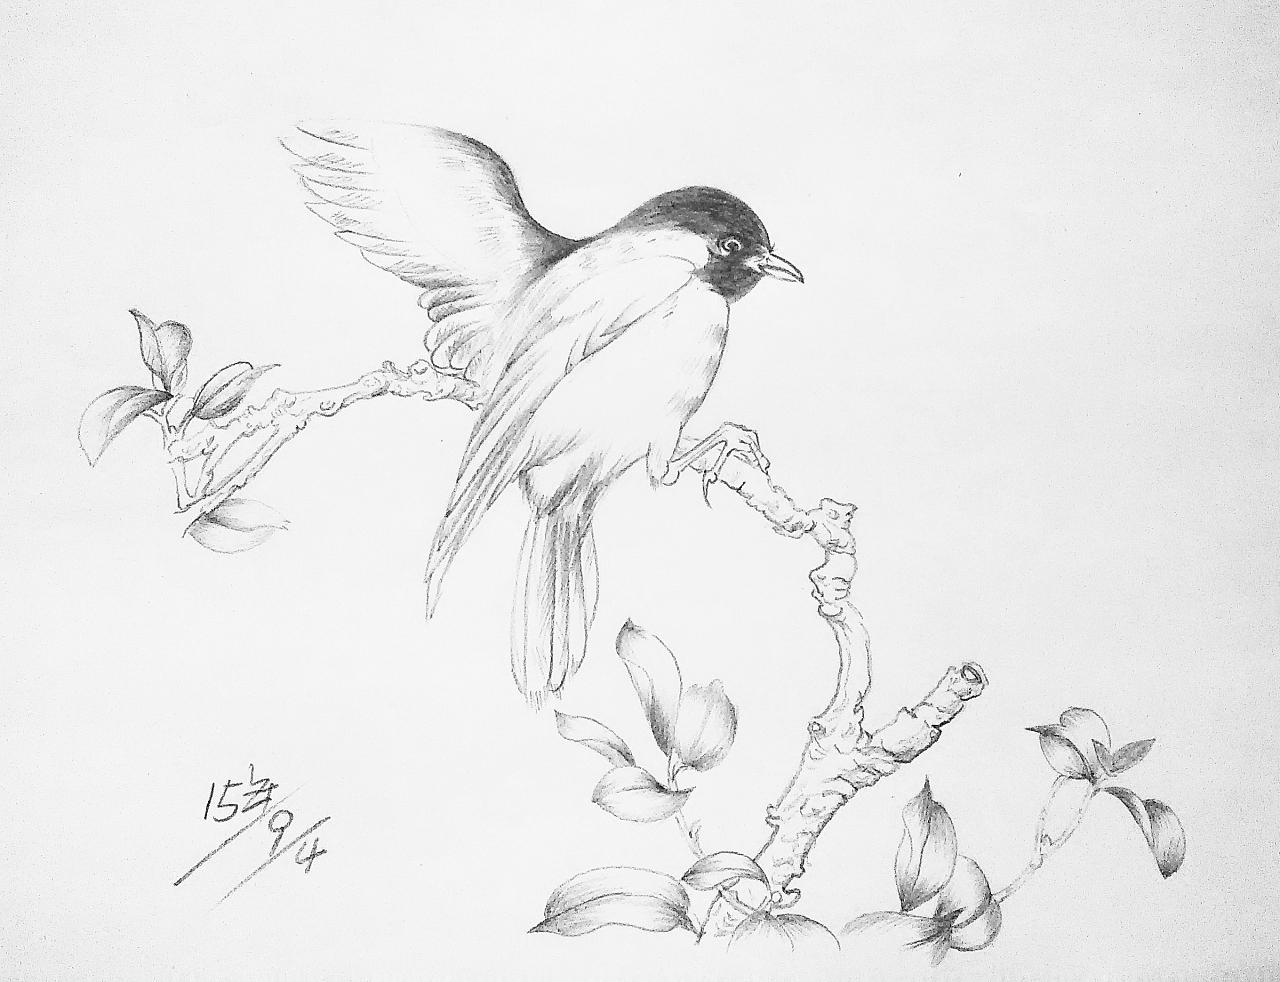 手绘-2|纯艺术|素描|桃花绿水 - 原创作品 - 站酷